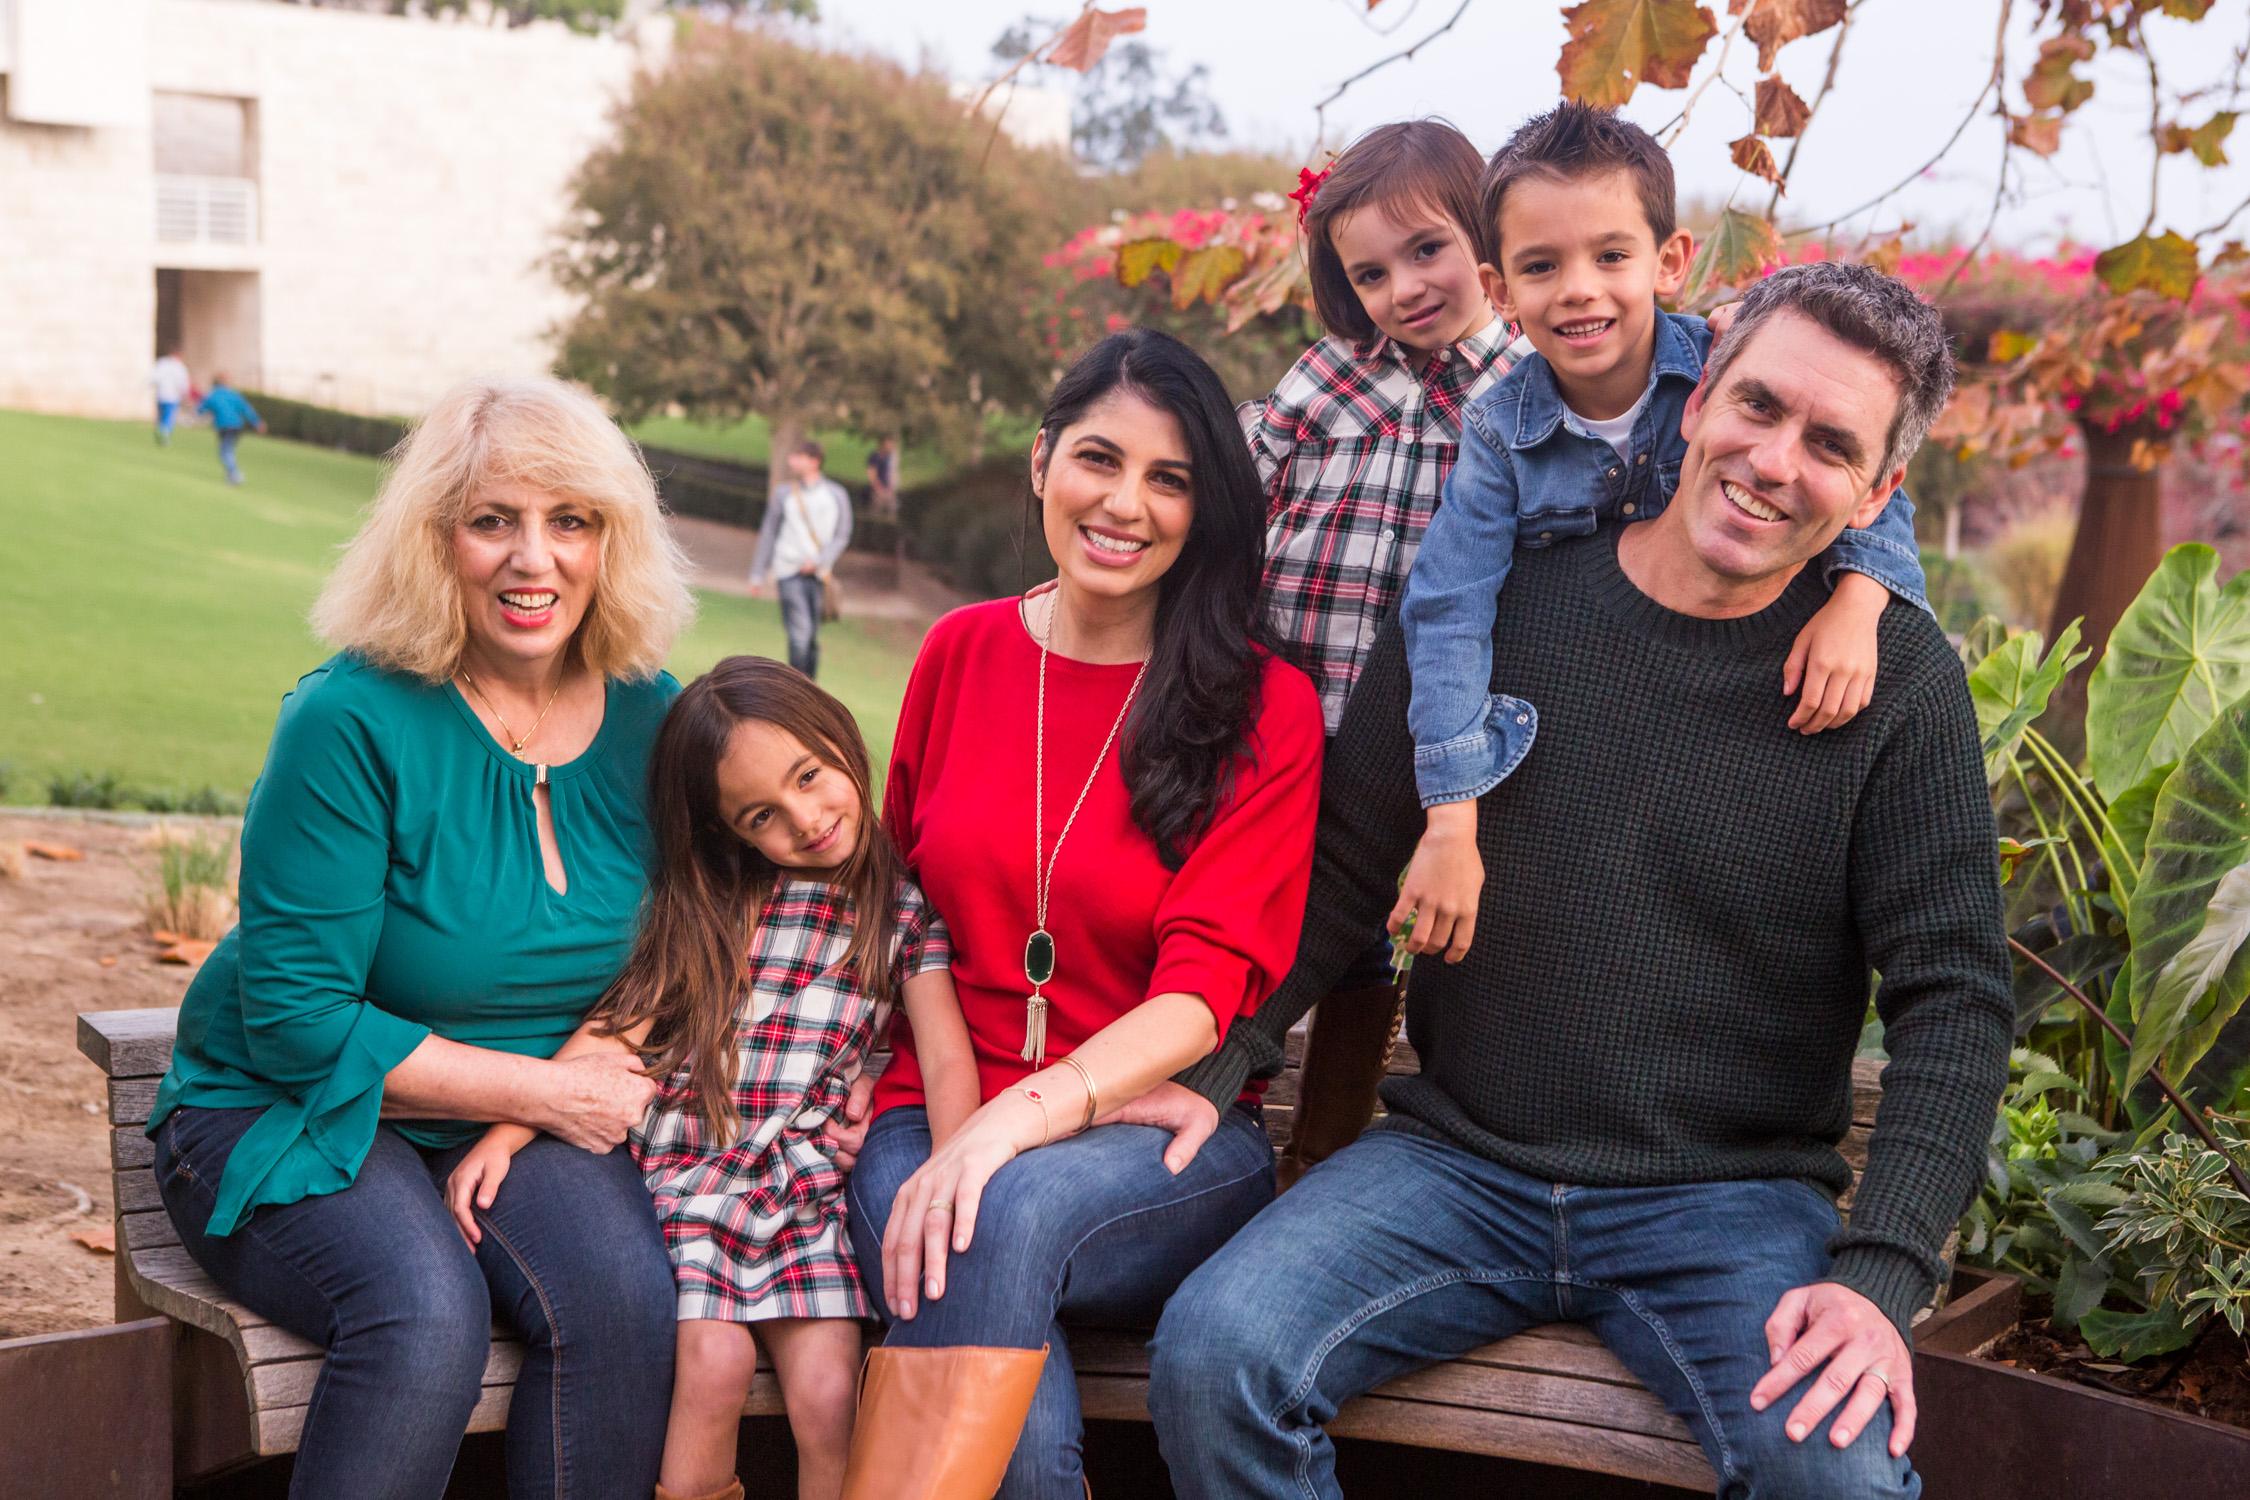 pam_family-11.jpg